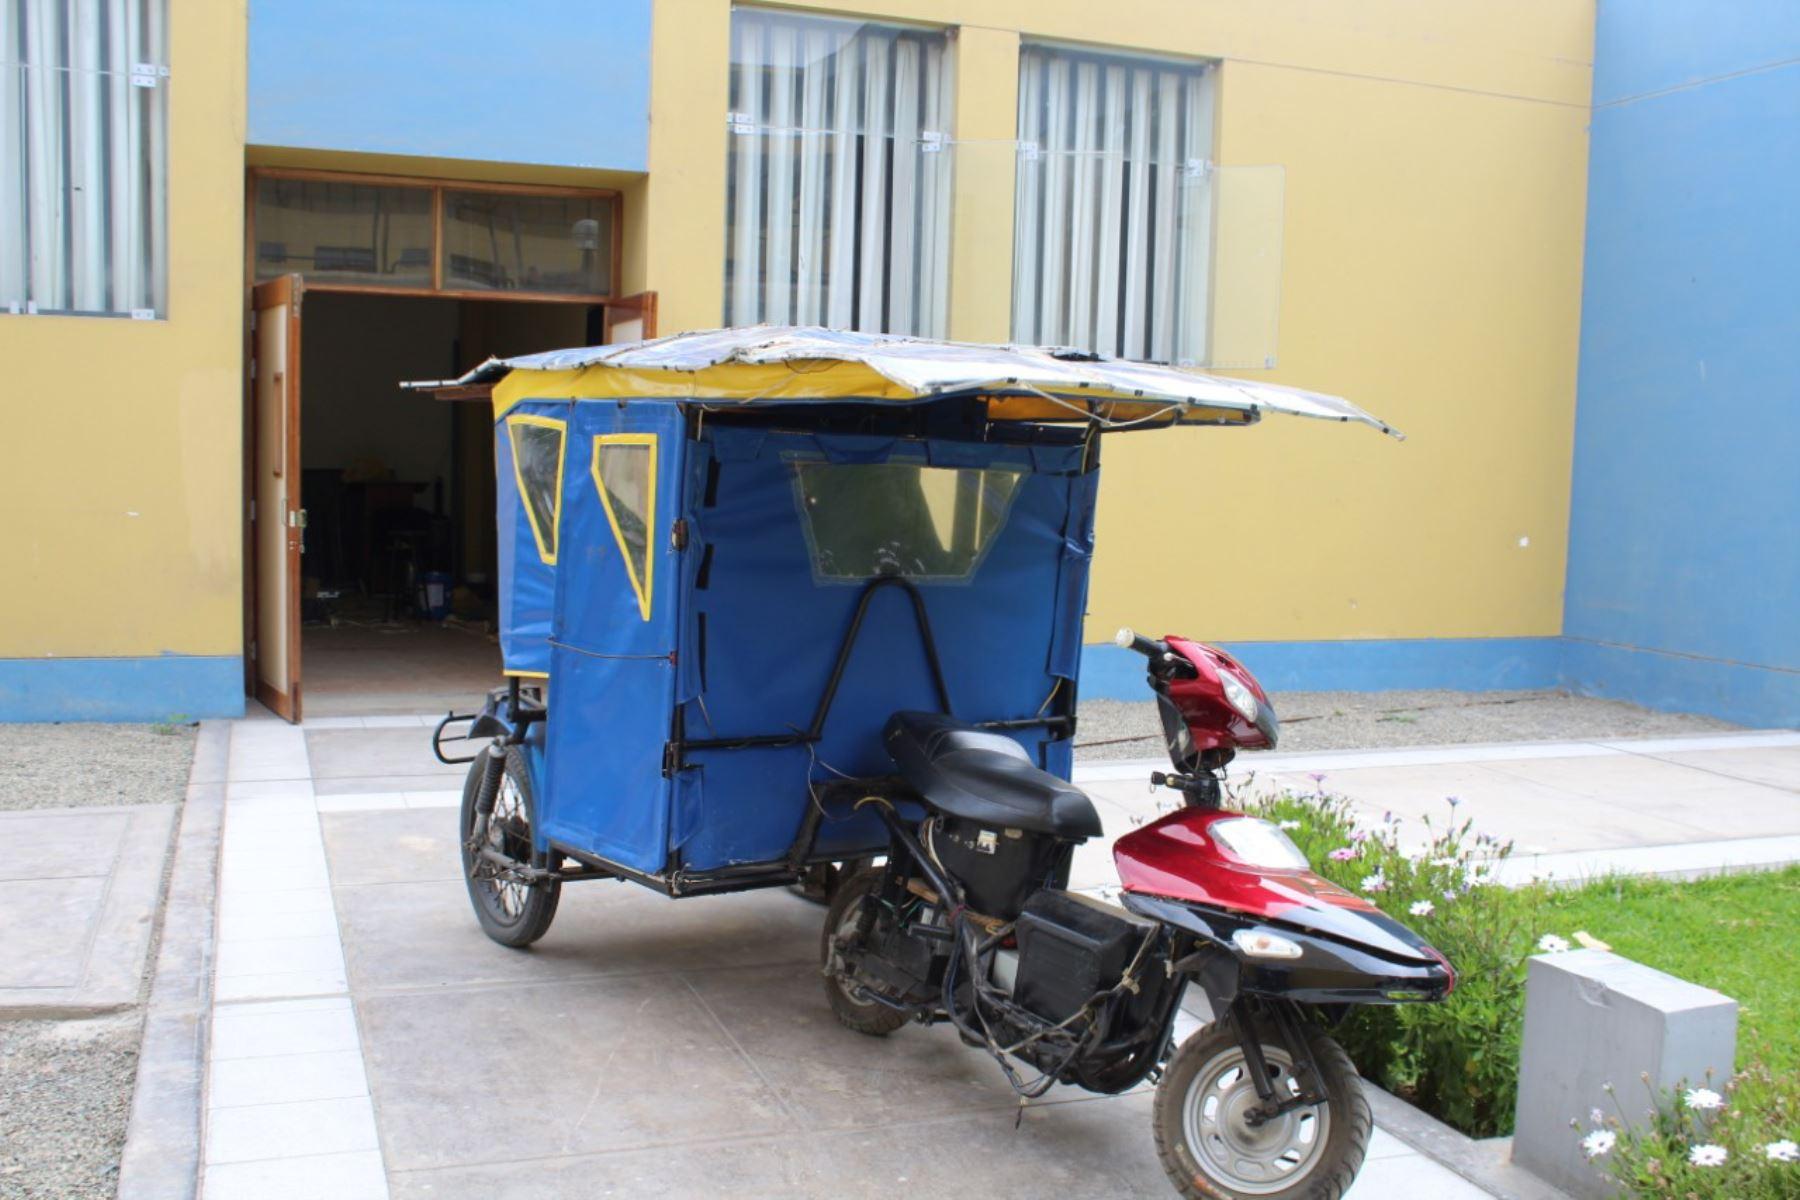 Mototaxi que funciona con la luz solar creada por profesor y estudiantes sanmarquinos.. Foto: Cortesía